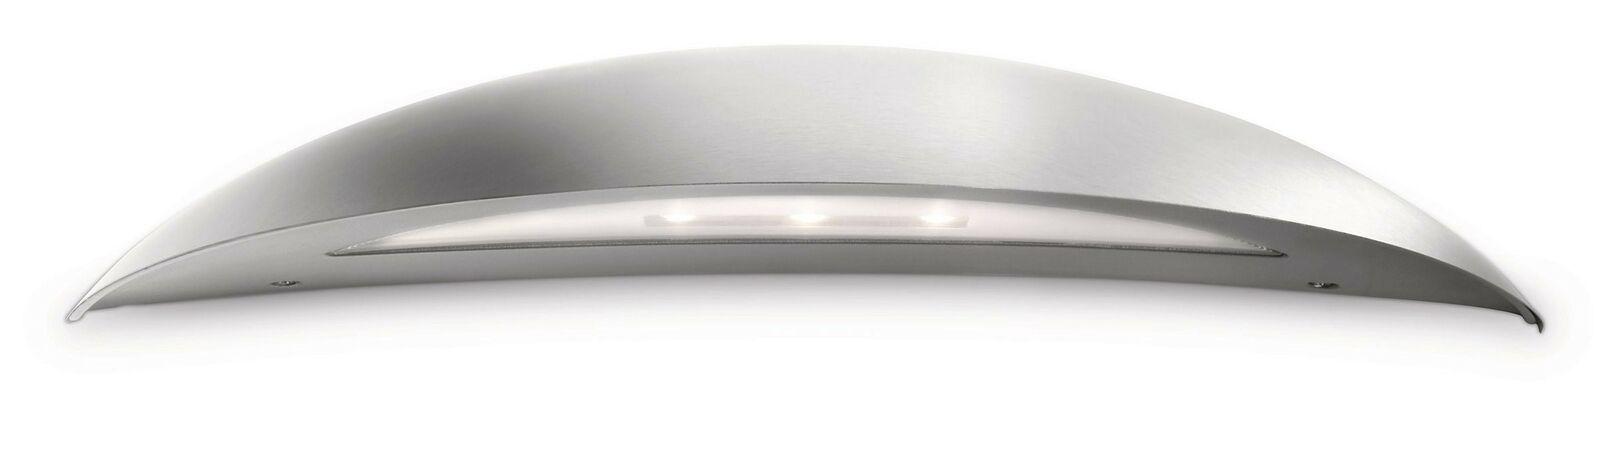 Philips ledino wandaussenleuchte acero inoxidable 210lm 6,5w 33cm de ancho 2700k